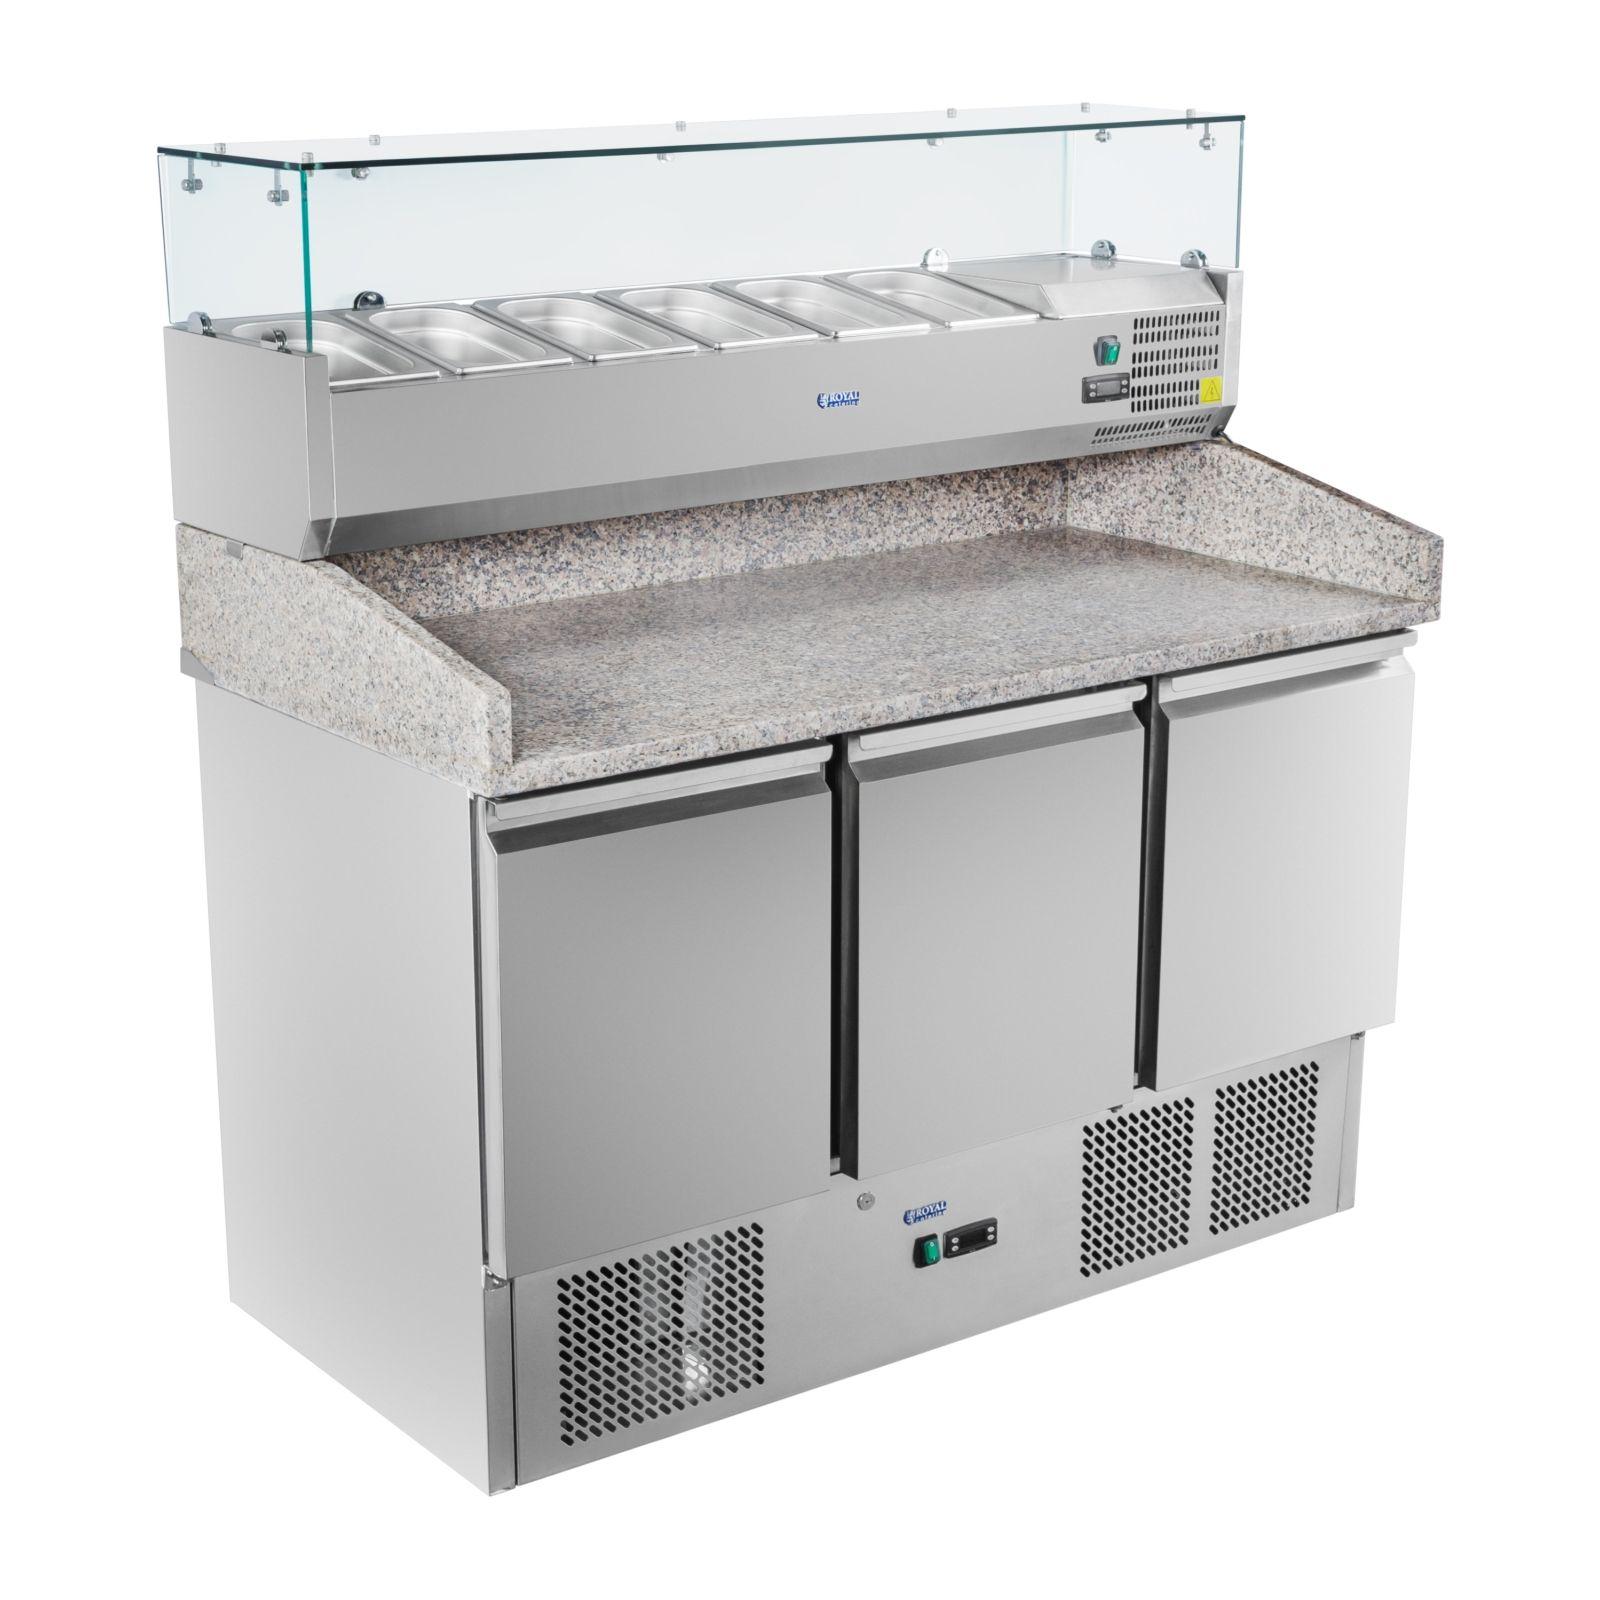 Schienenset für Kühltische und Saladetten Schienen Set Zubehör Gastro Bar Restau